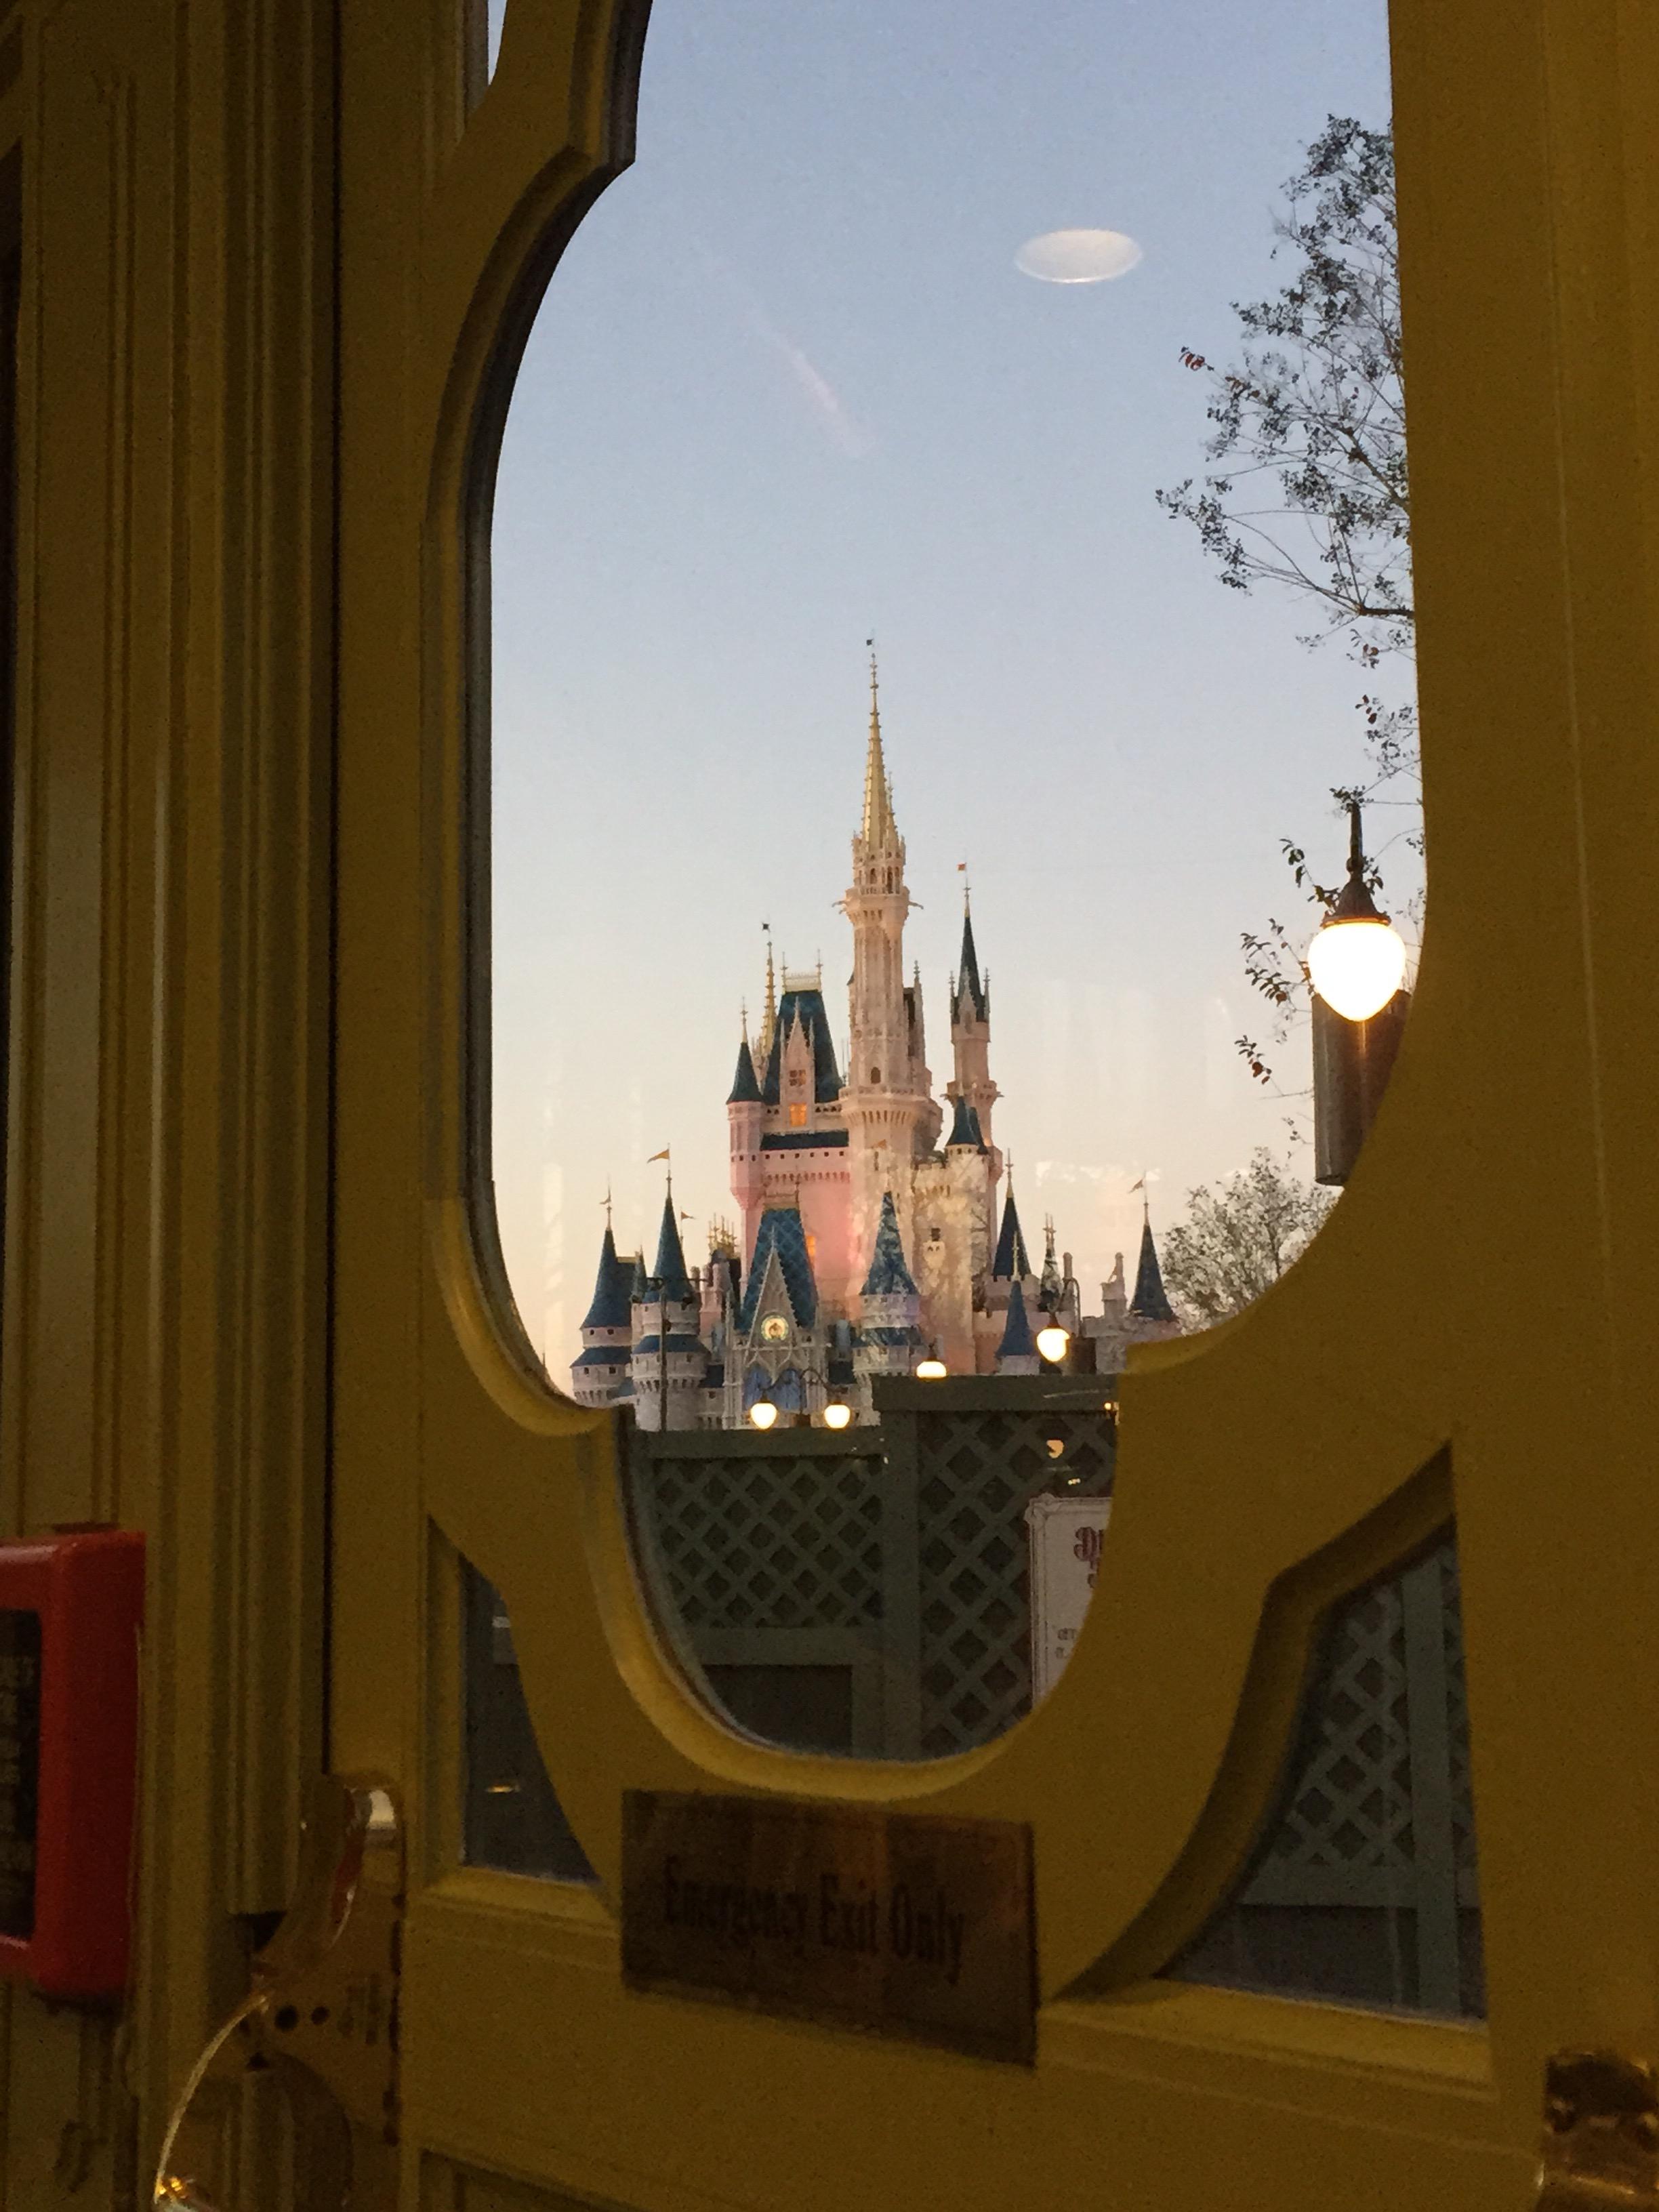 Castlethroughdoorplazainn